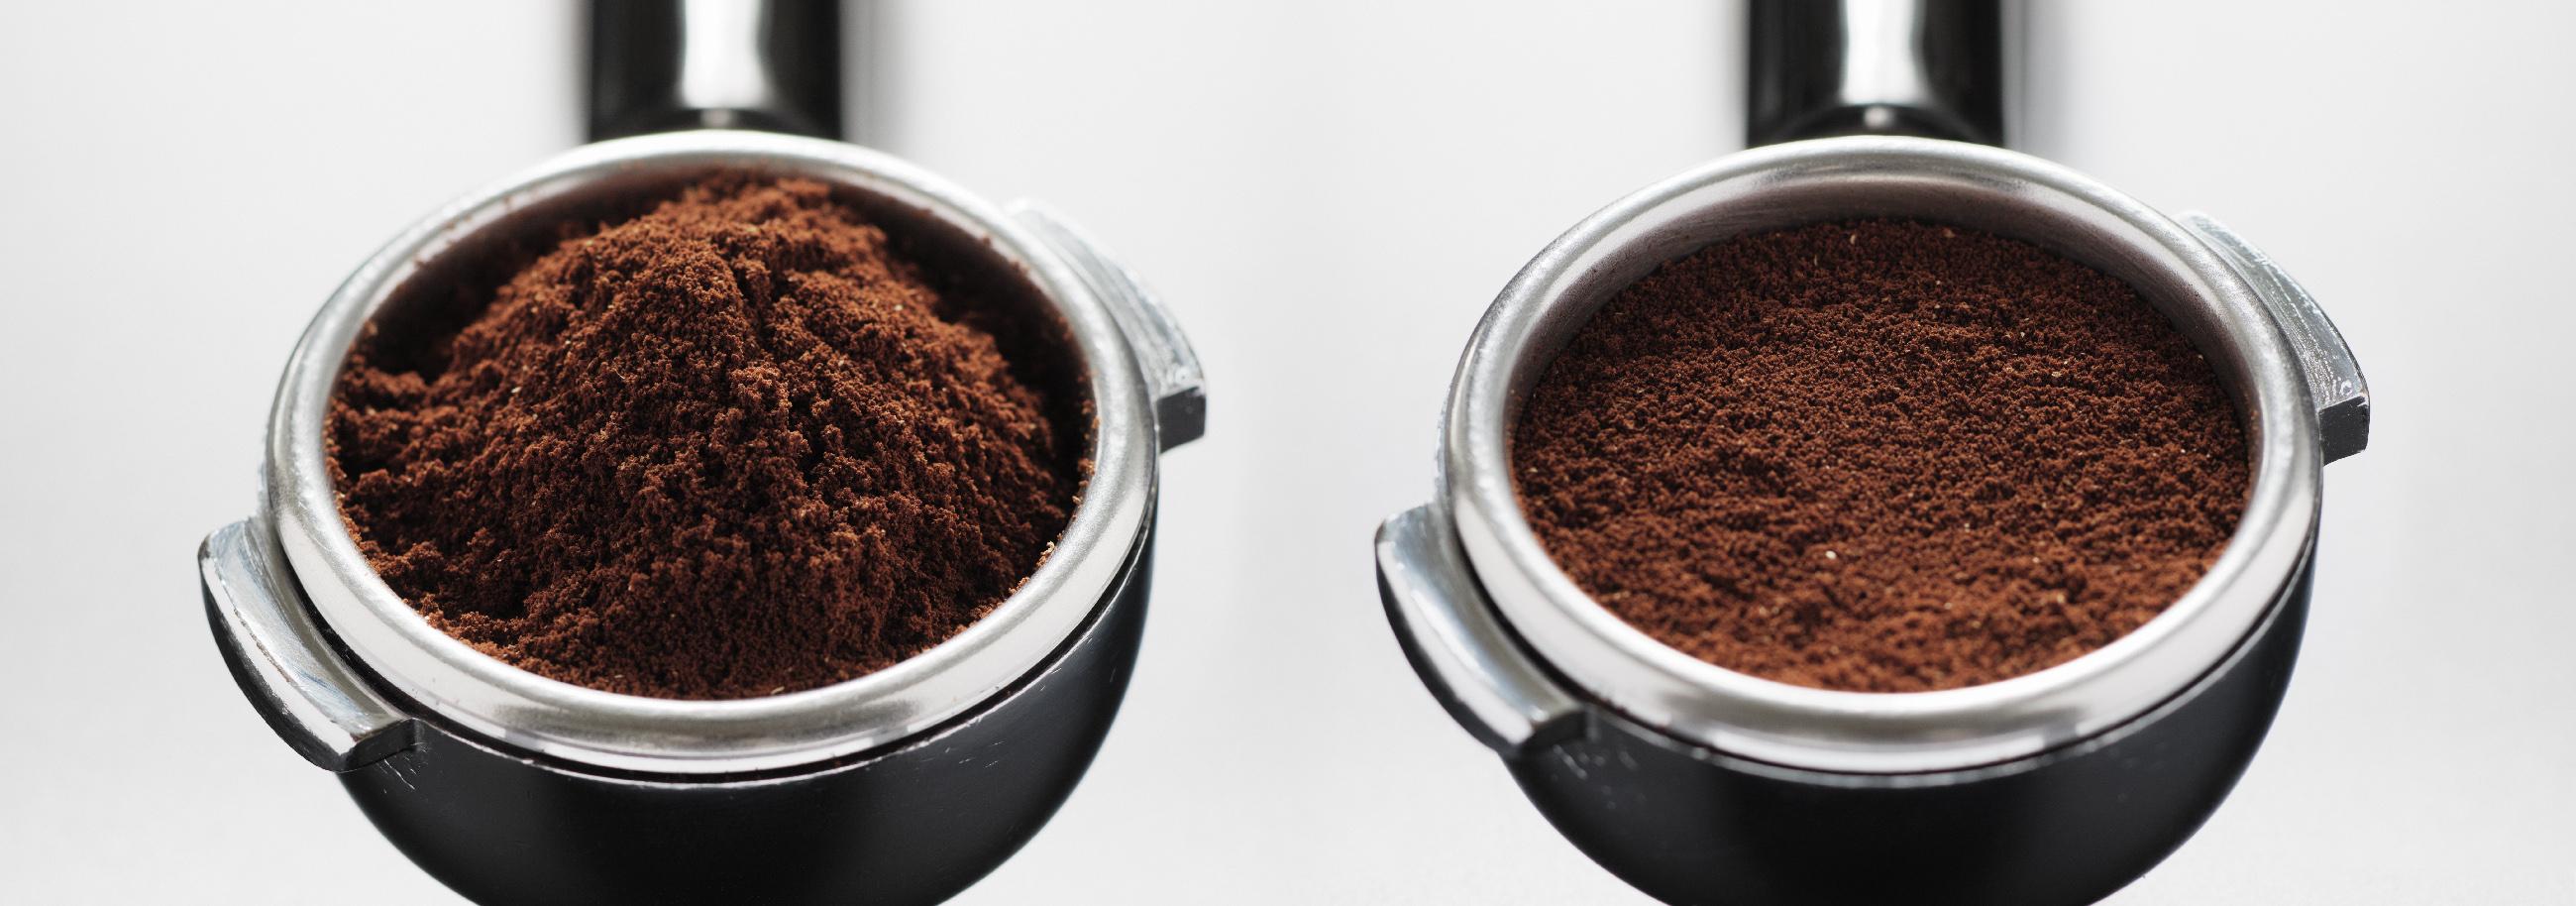 Các thao tác kỹ thuật khi làm Espresso  PrimeCoffee